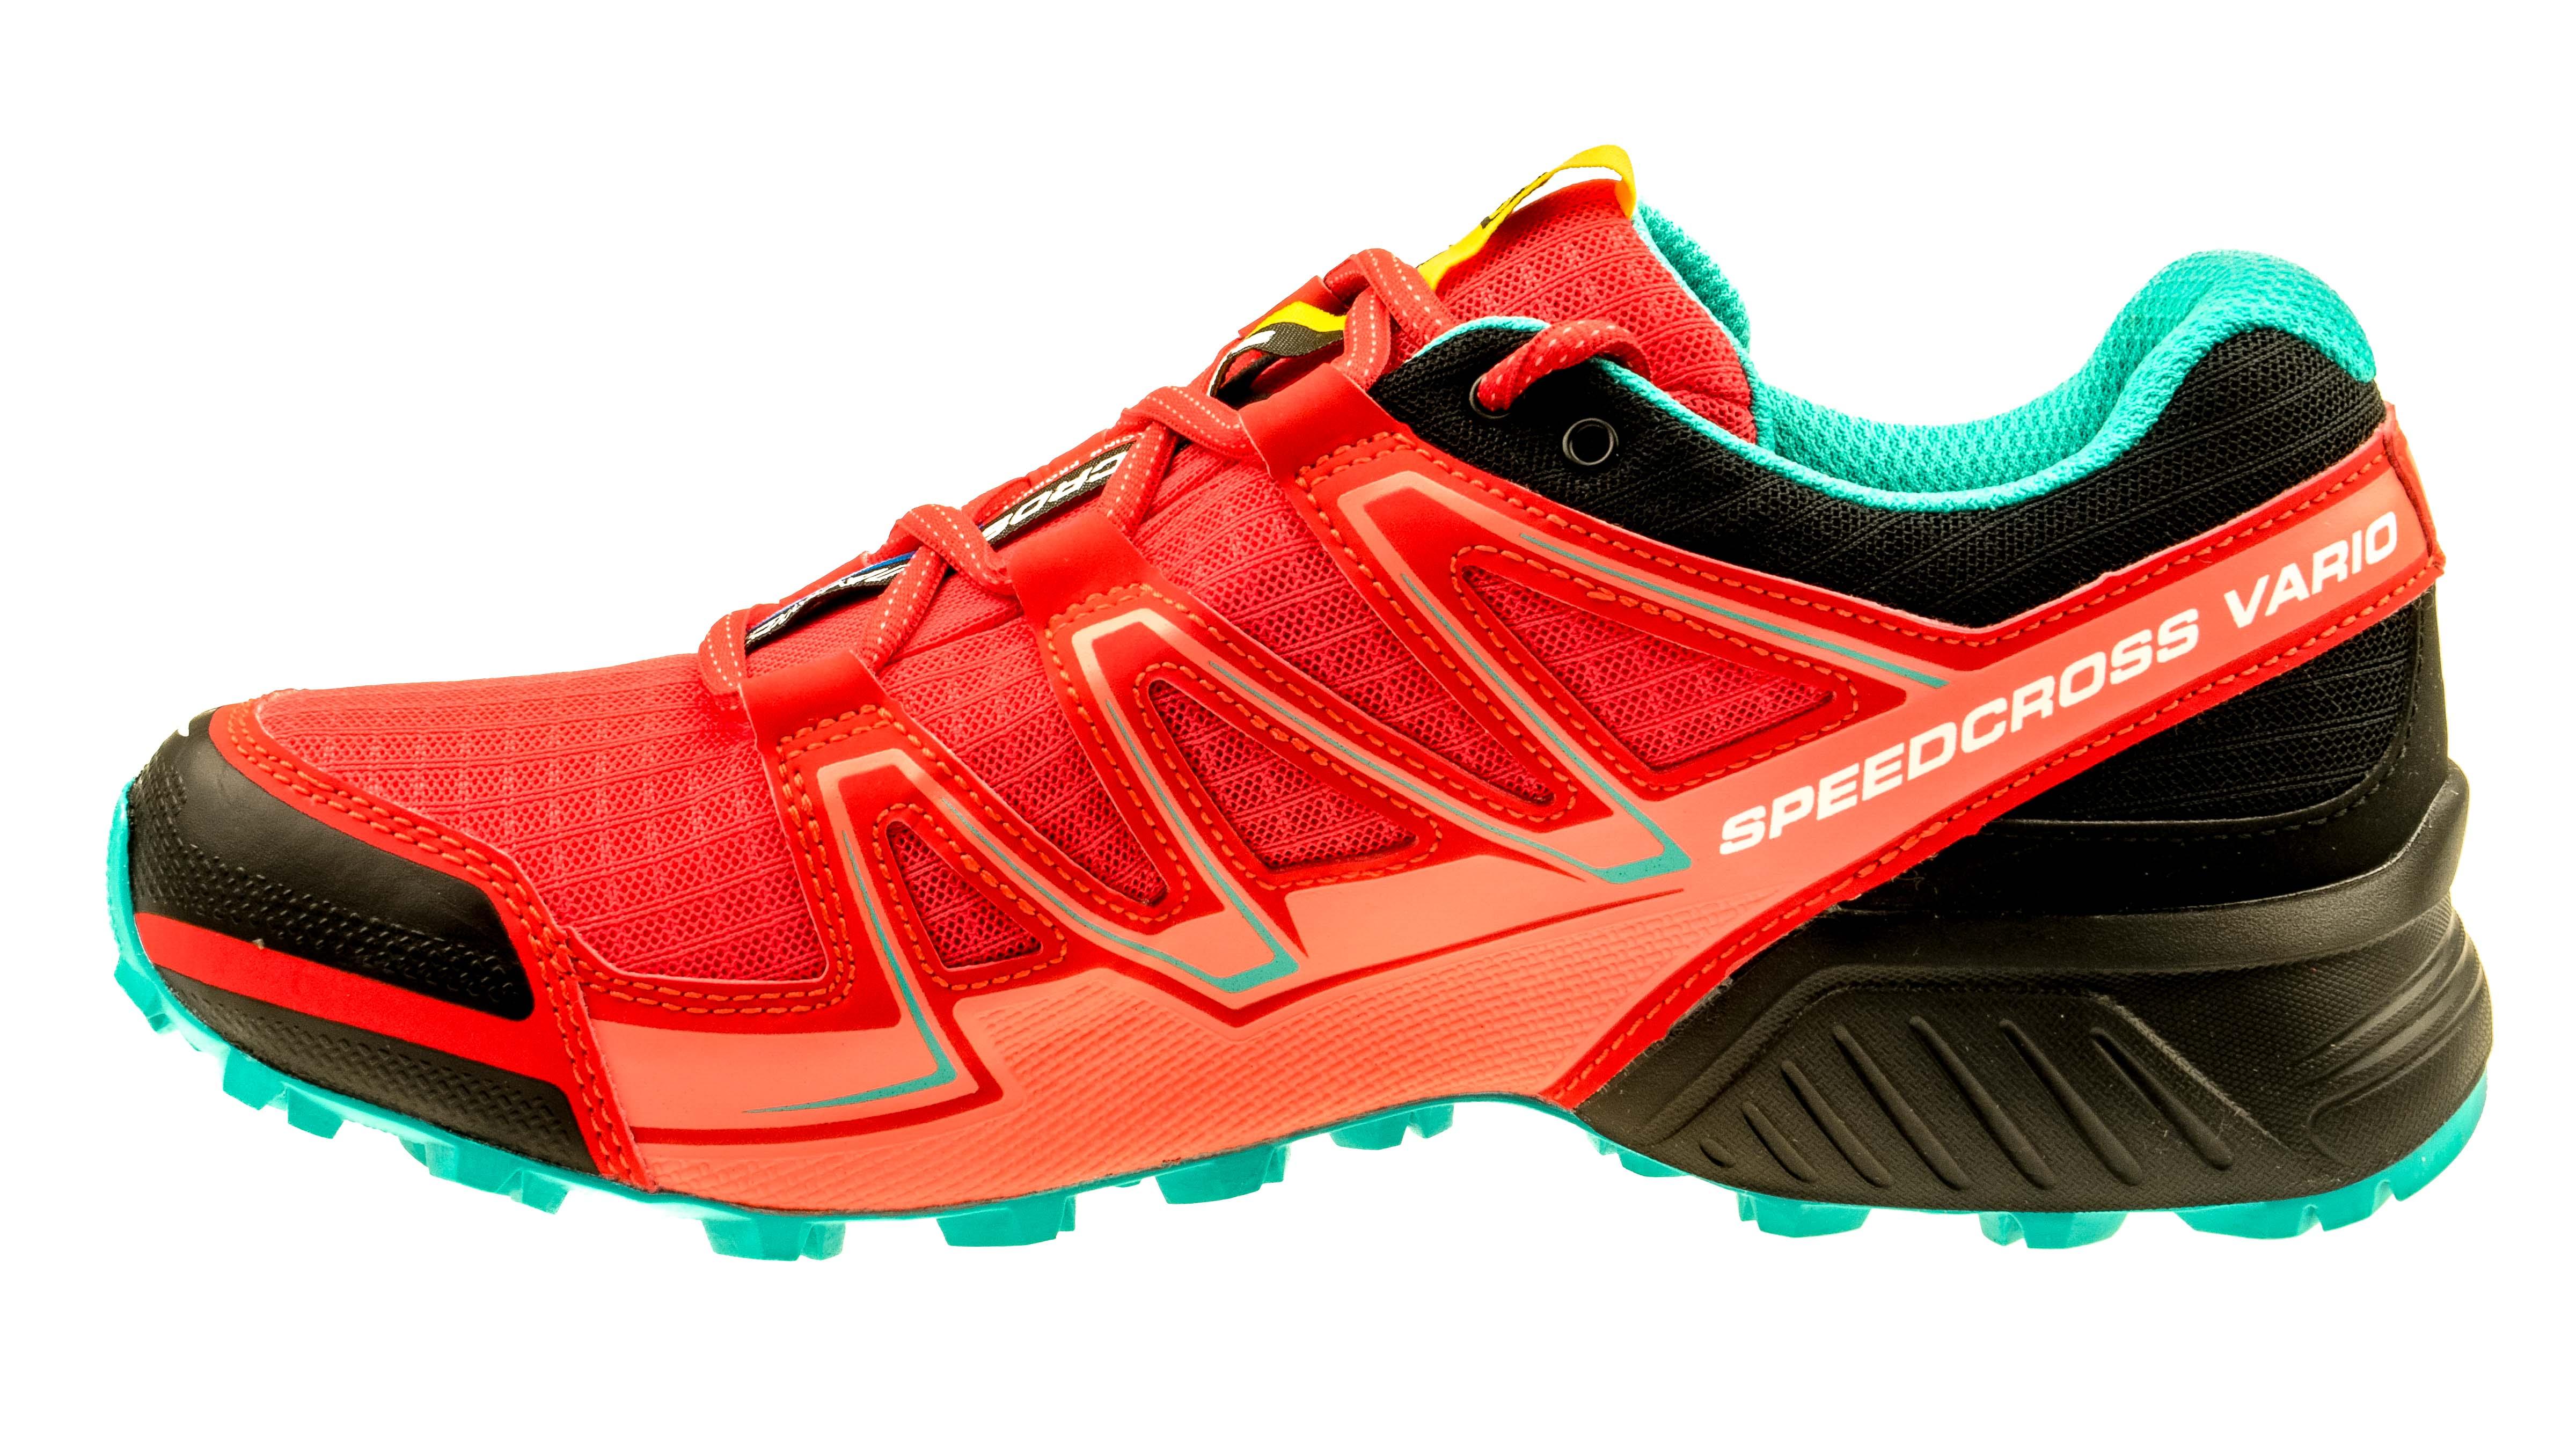 Speedcross Vario poppy redblackceramic